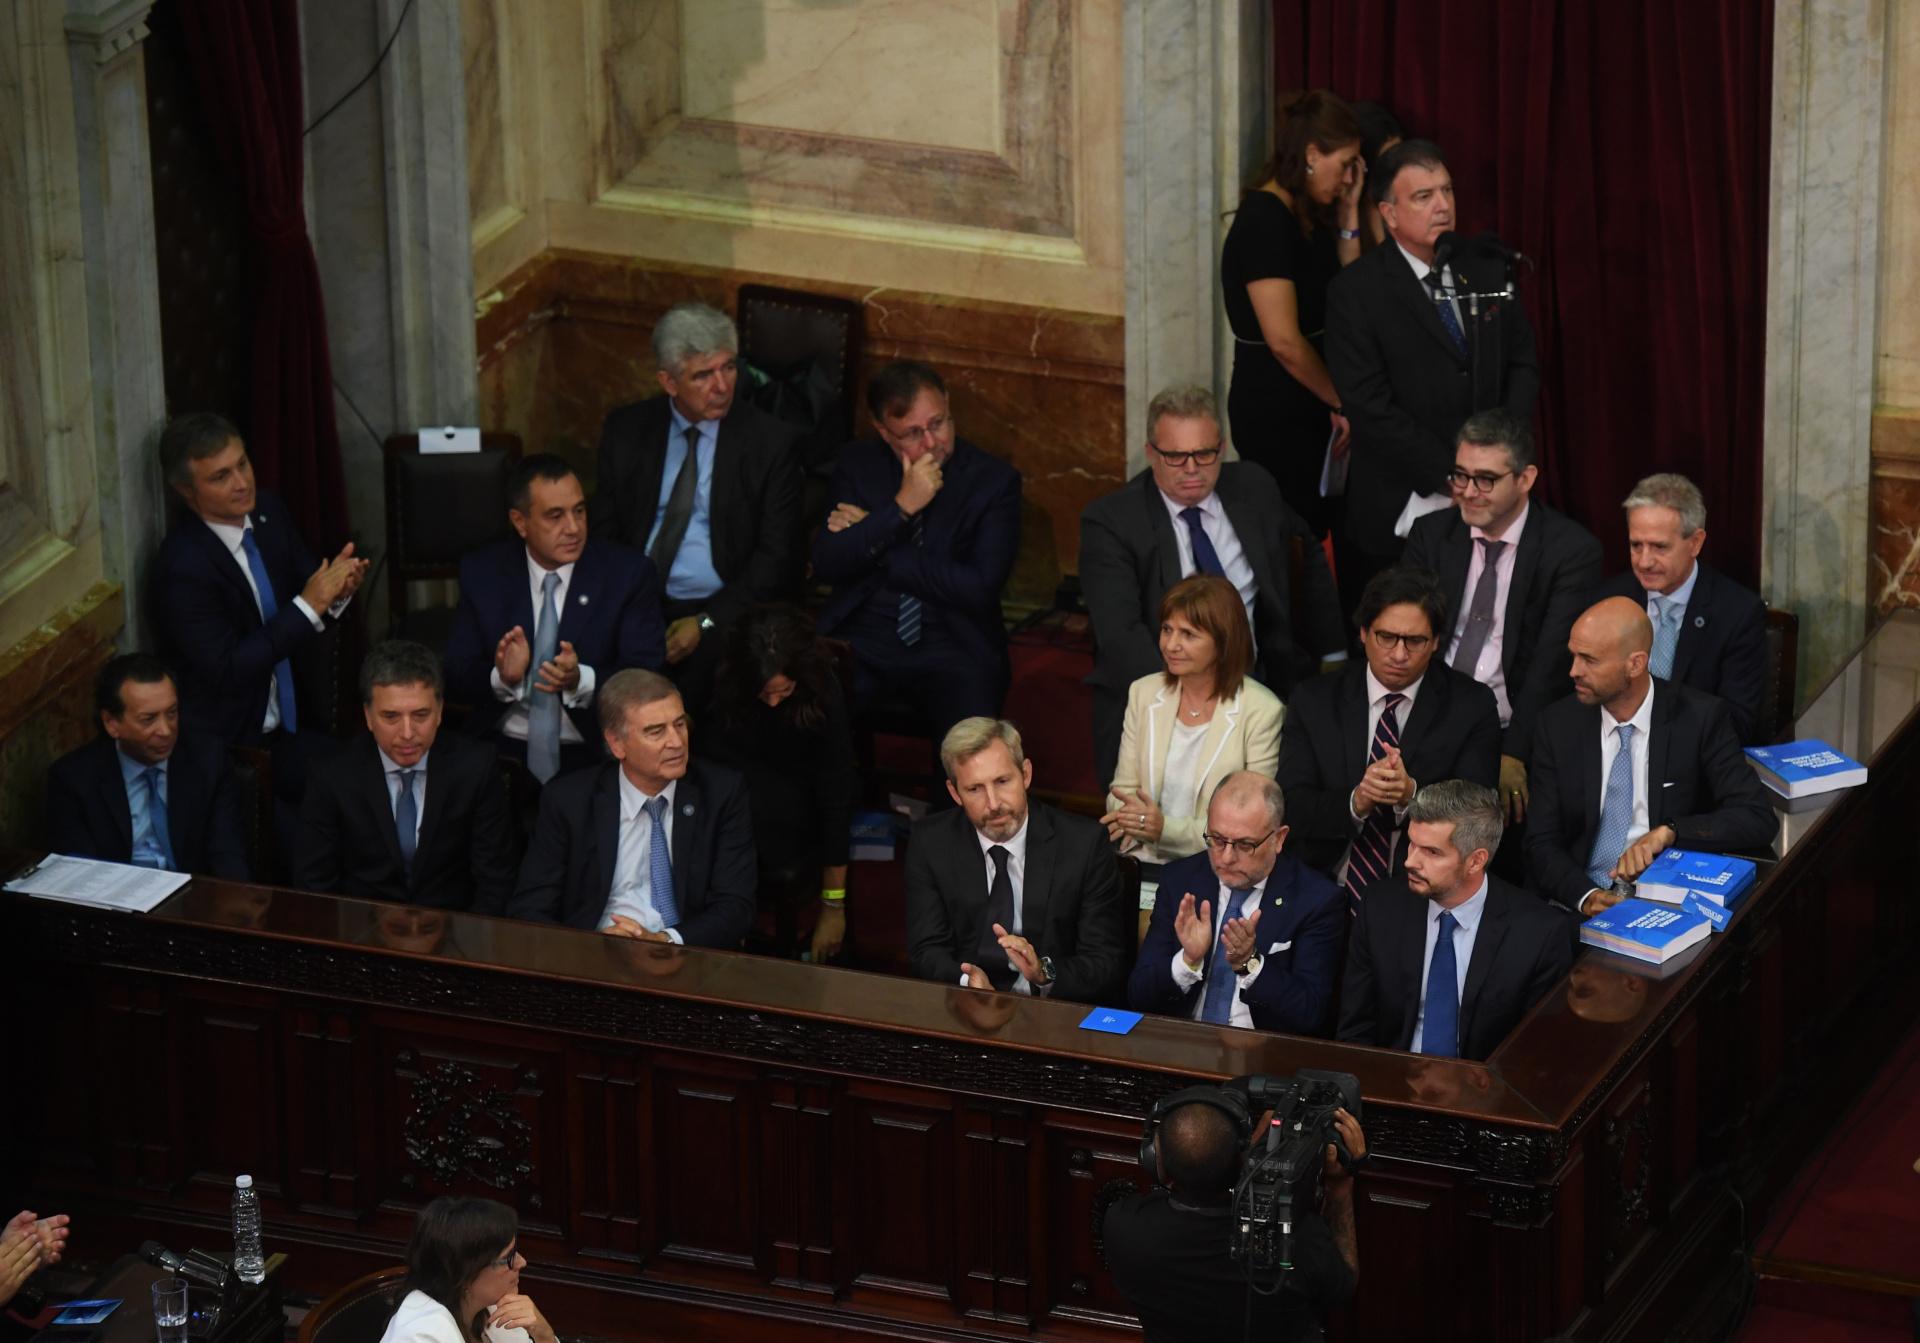 El gabinete de ministros siguió la Asamblea Legislativa desde el recinto